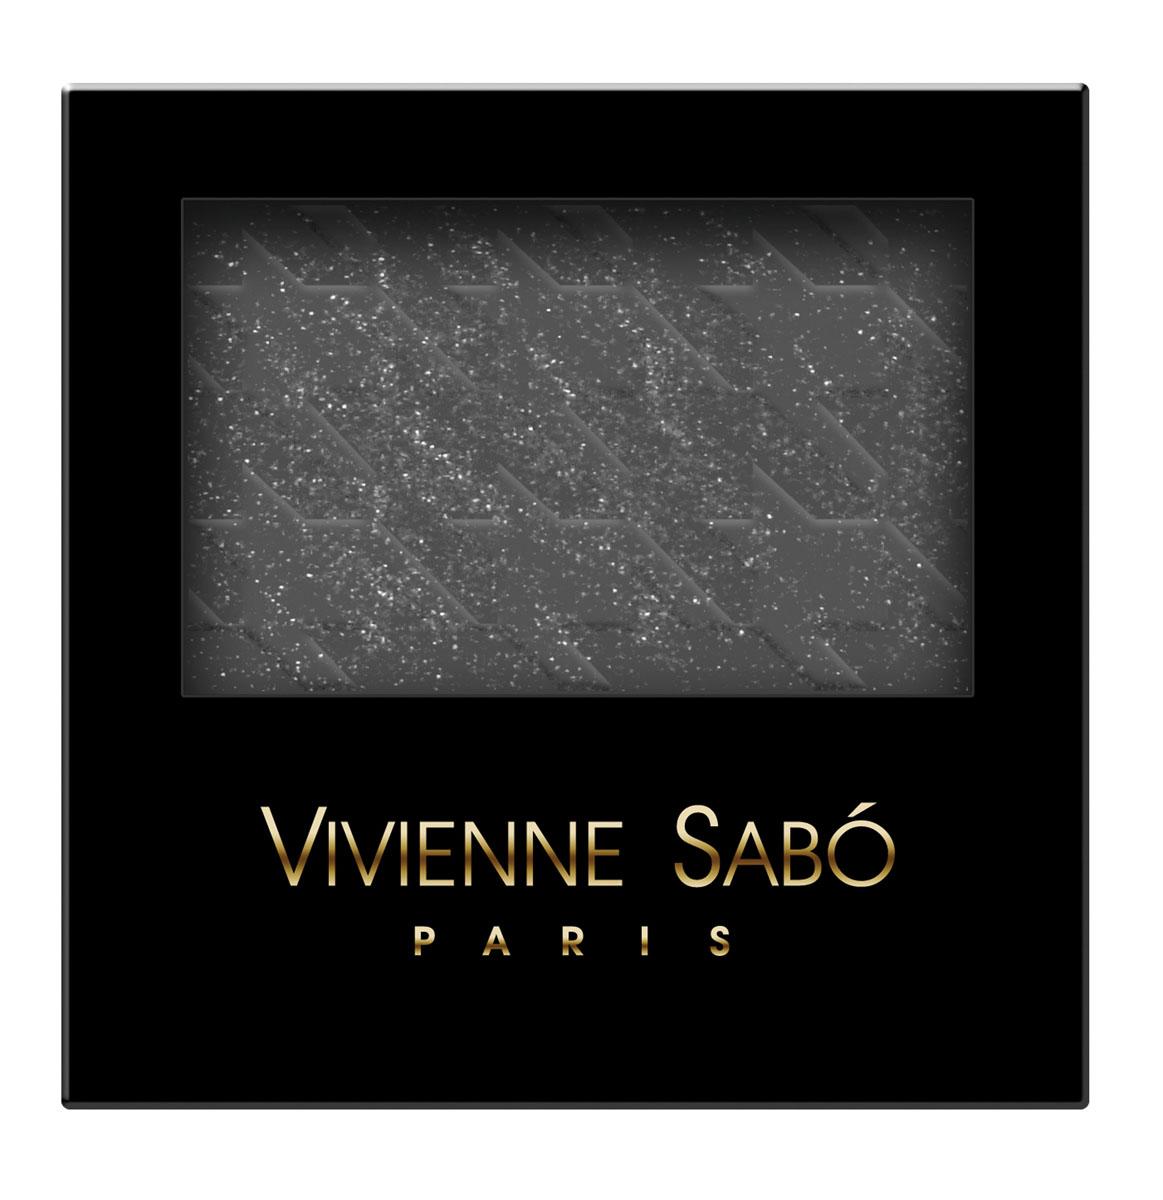 Vivienne Sabo Тени для век мерцающие Rue de Rivoli, тон 102, 3 гd215006102Тени Vivienne Sabo с мерцающими блестками – этот эффект стал возможен благодаря натуральному серебру в составе. Текстура теней, повторяющая знаменитый узор «пье-де-пуль», введенный в моду Коко Шанель – напоминание о том, что улица Риволи – прекрасное место для шоппинга. Они идеальны как для несложного макияжа в один тон, так и для техники smoky eyes – модной и стильной.